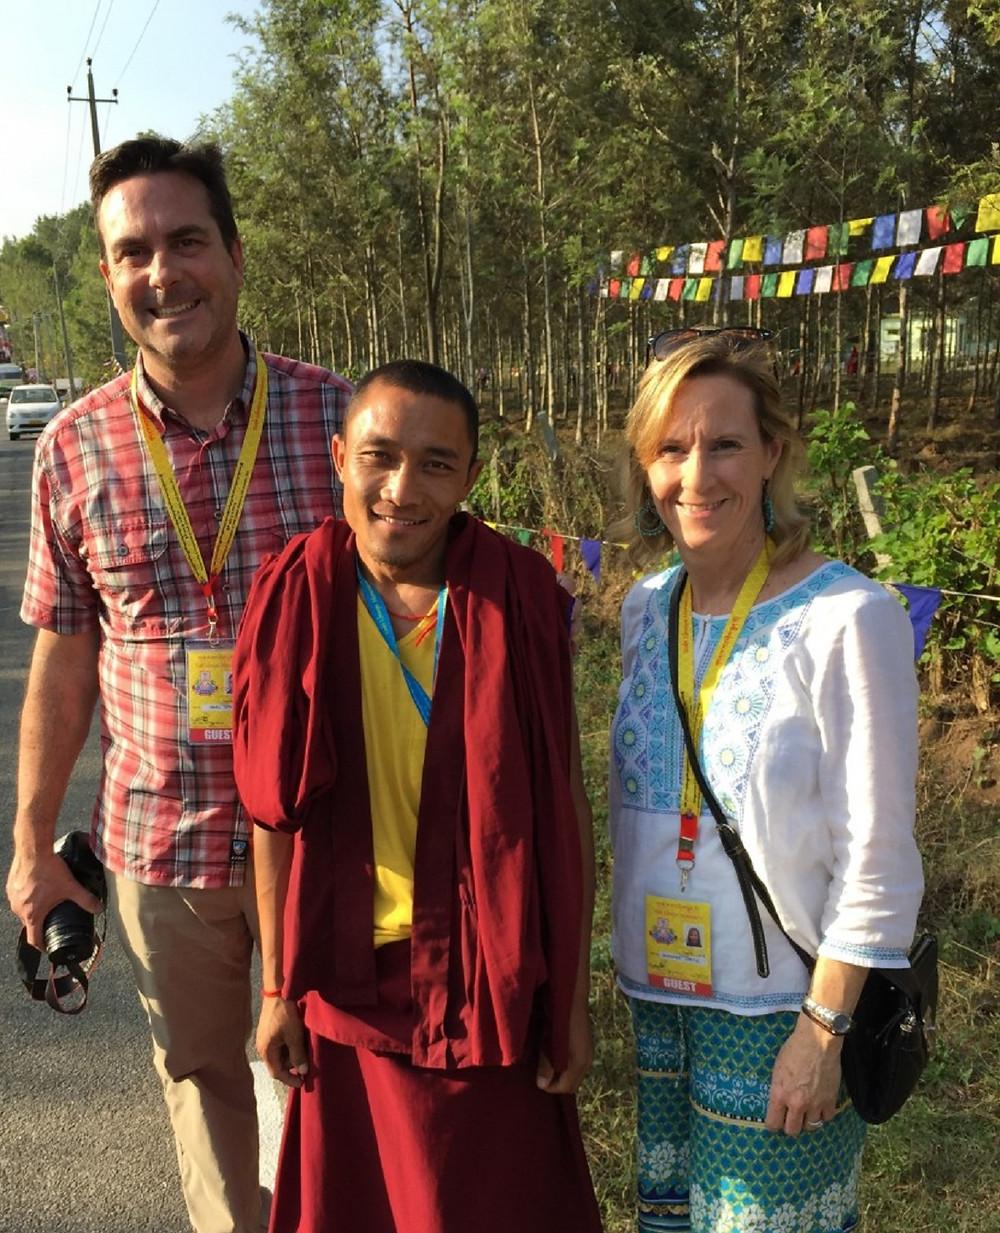 Jennifer & Mark Spatz with Choedak, a Tashi Lhunpo Monk